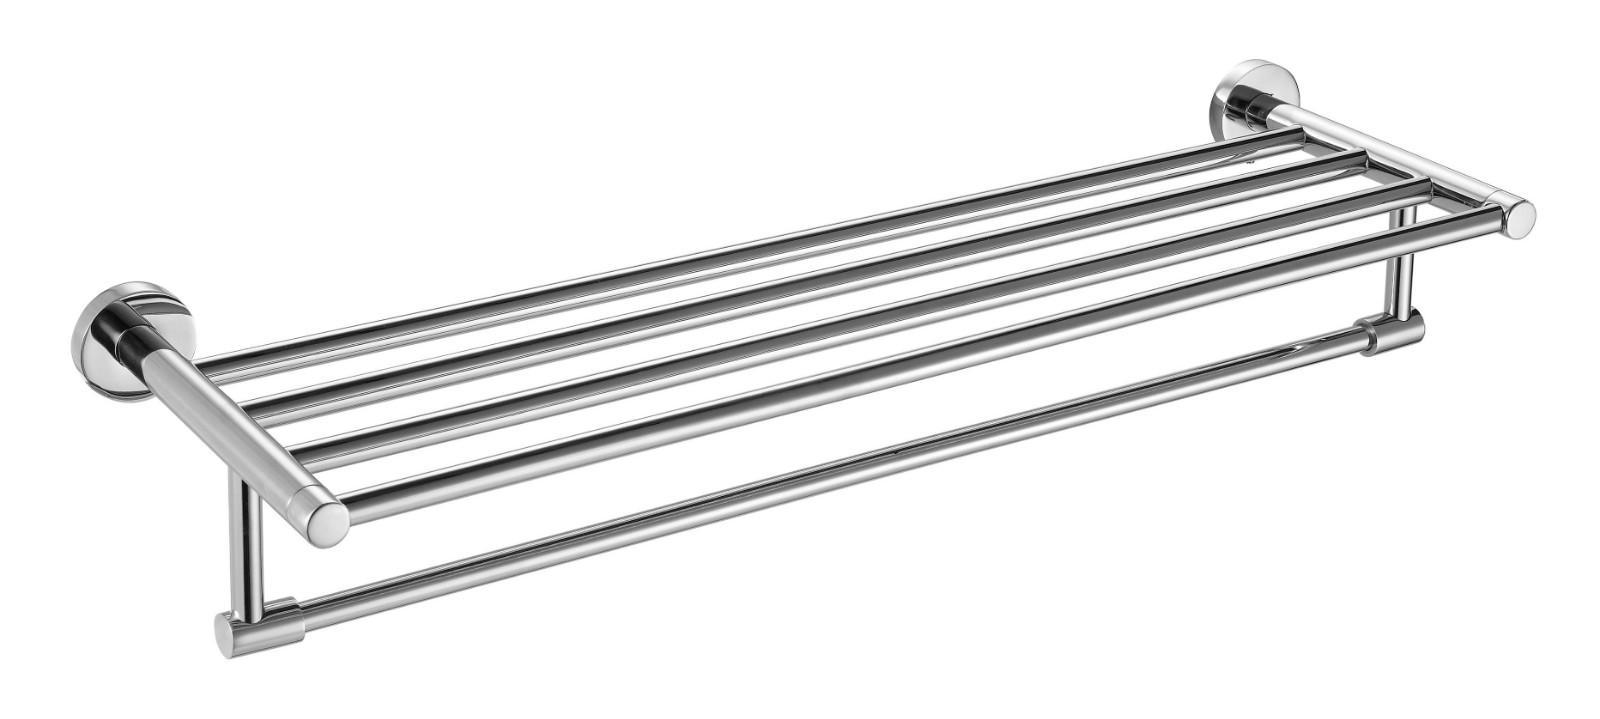 Norye stainless steel bathroom set manufacturer for washroom-1